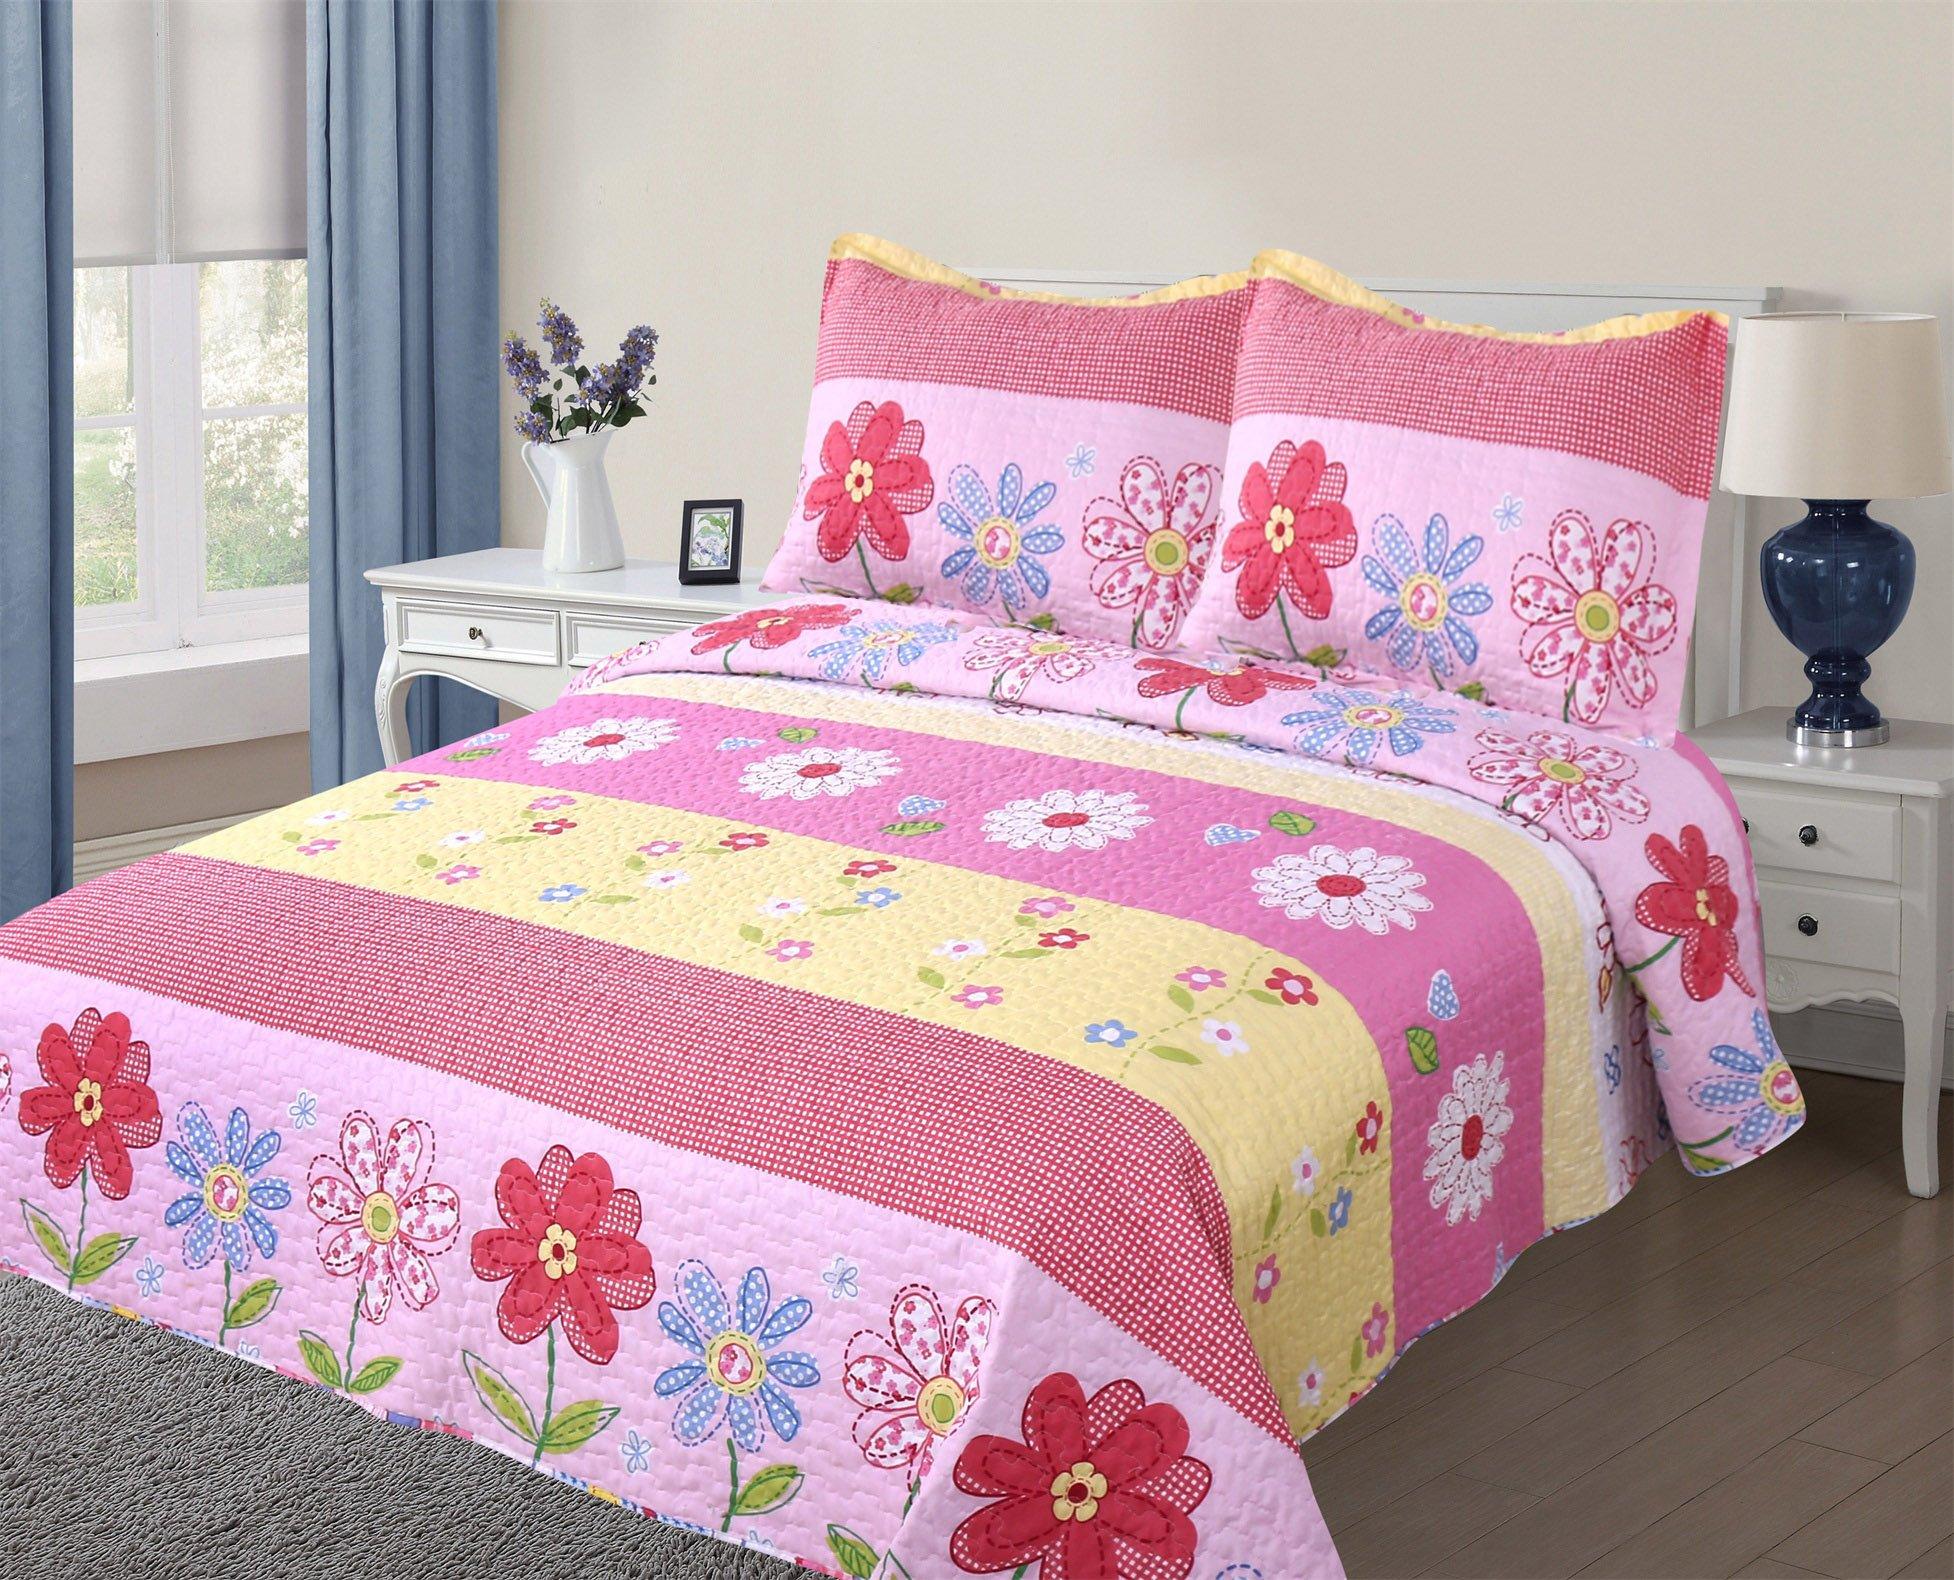 Golden Linens Full Size( 1 Quilt, 2 Shams) Pink Light Pink Yellow Floral Kids Teens/girls Quilt Bedspread 06-16 Girls by Goldenlinens